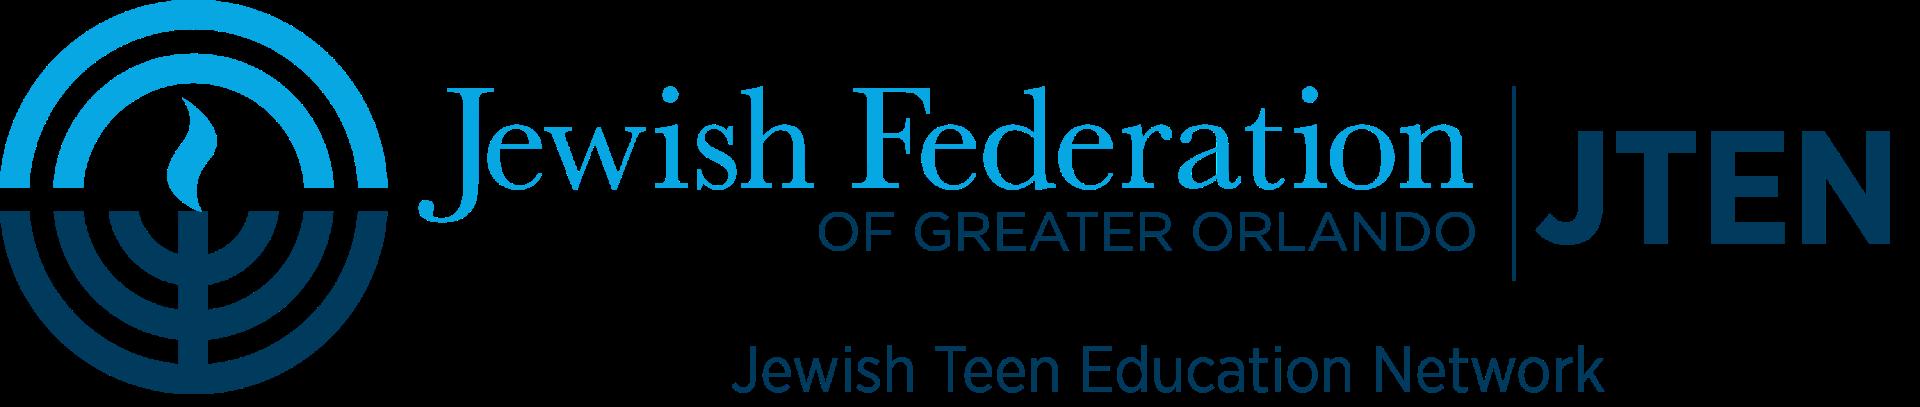 JTEN-logo